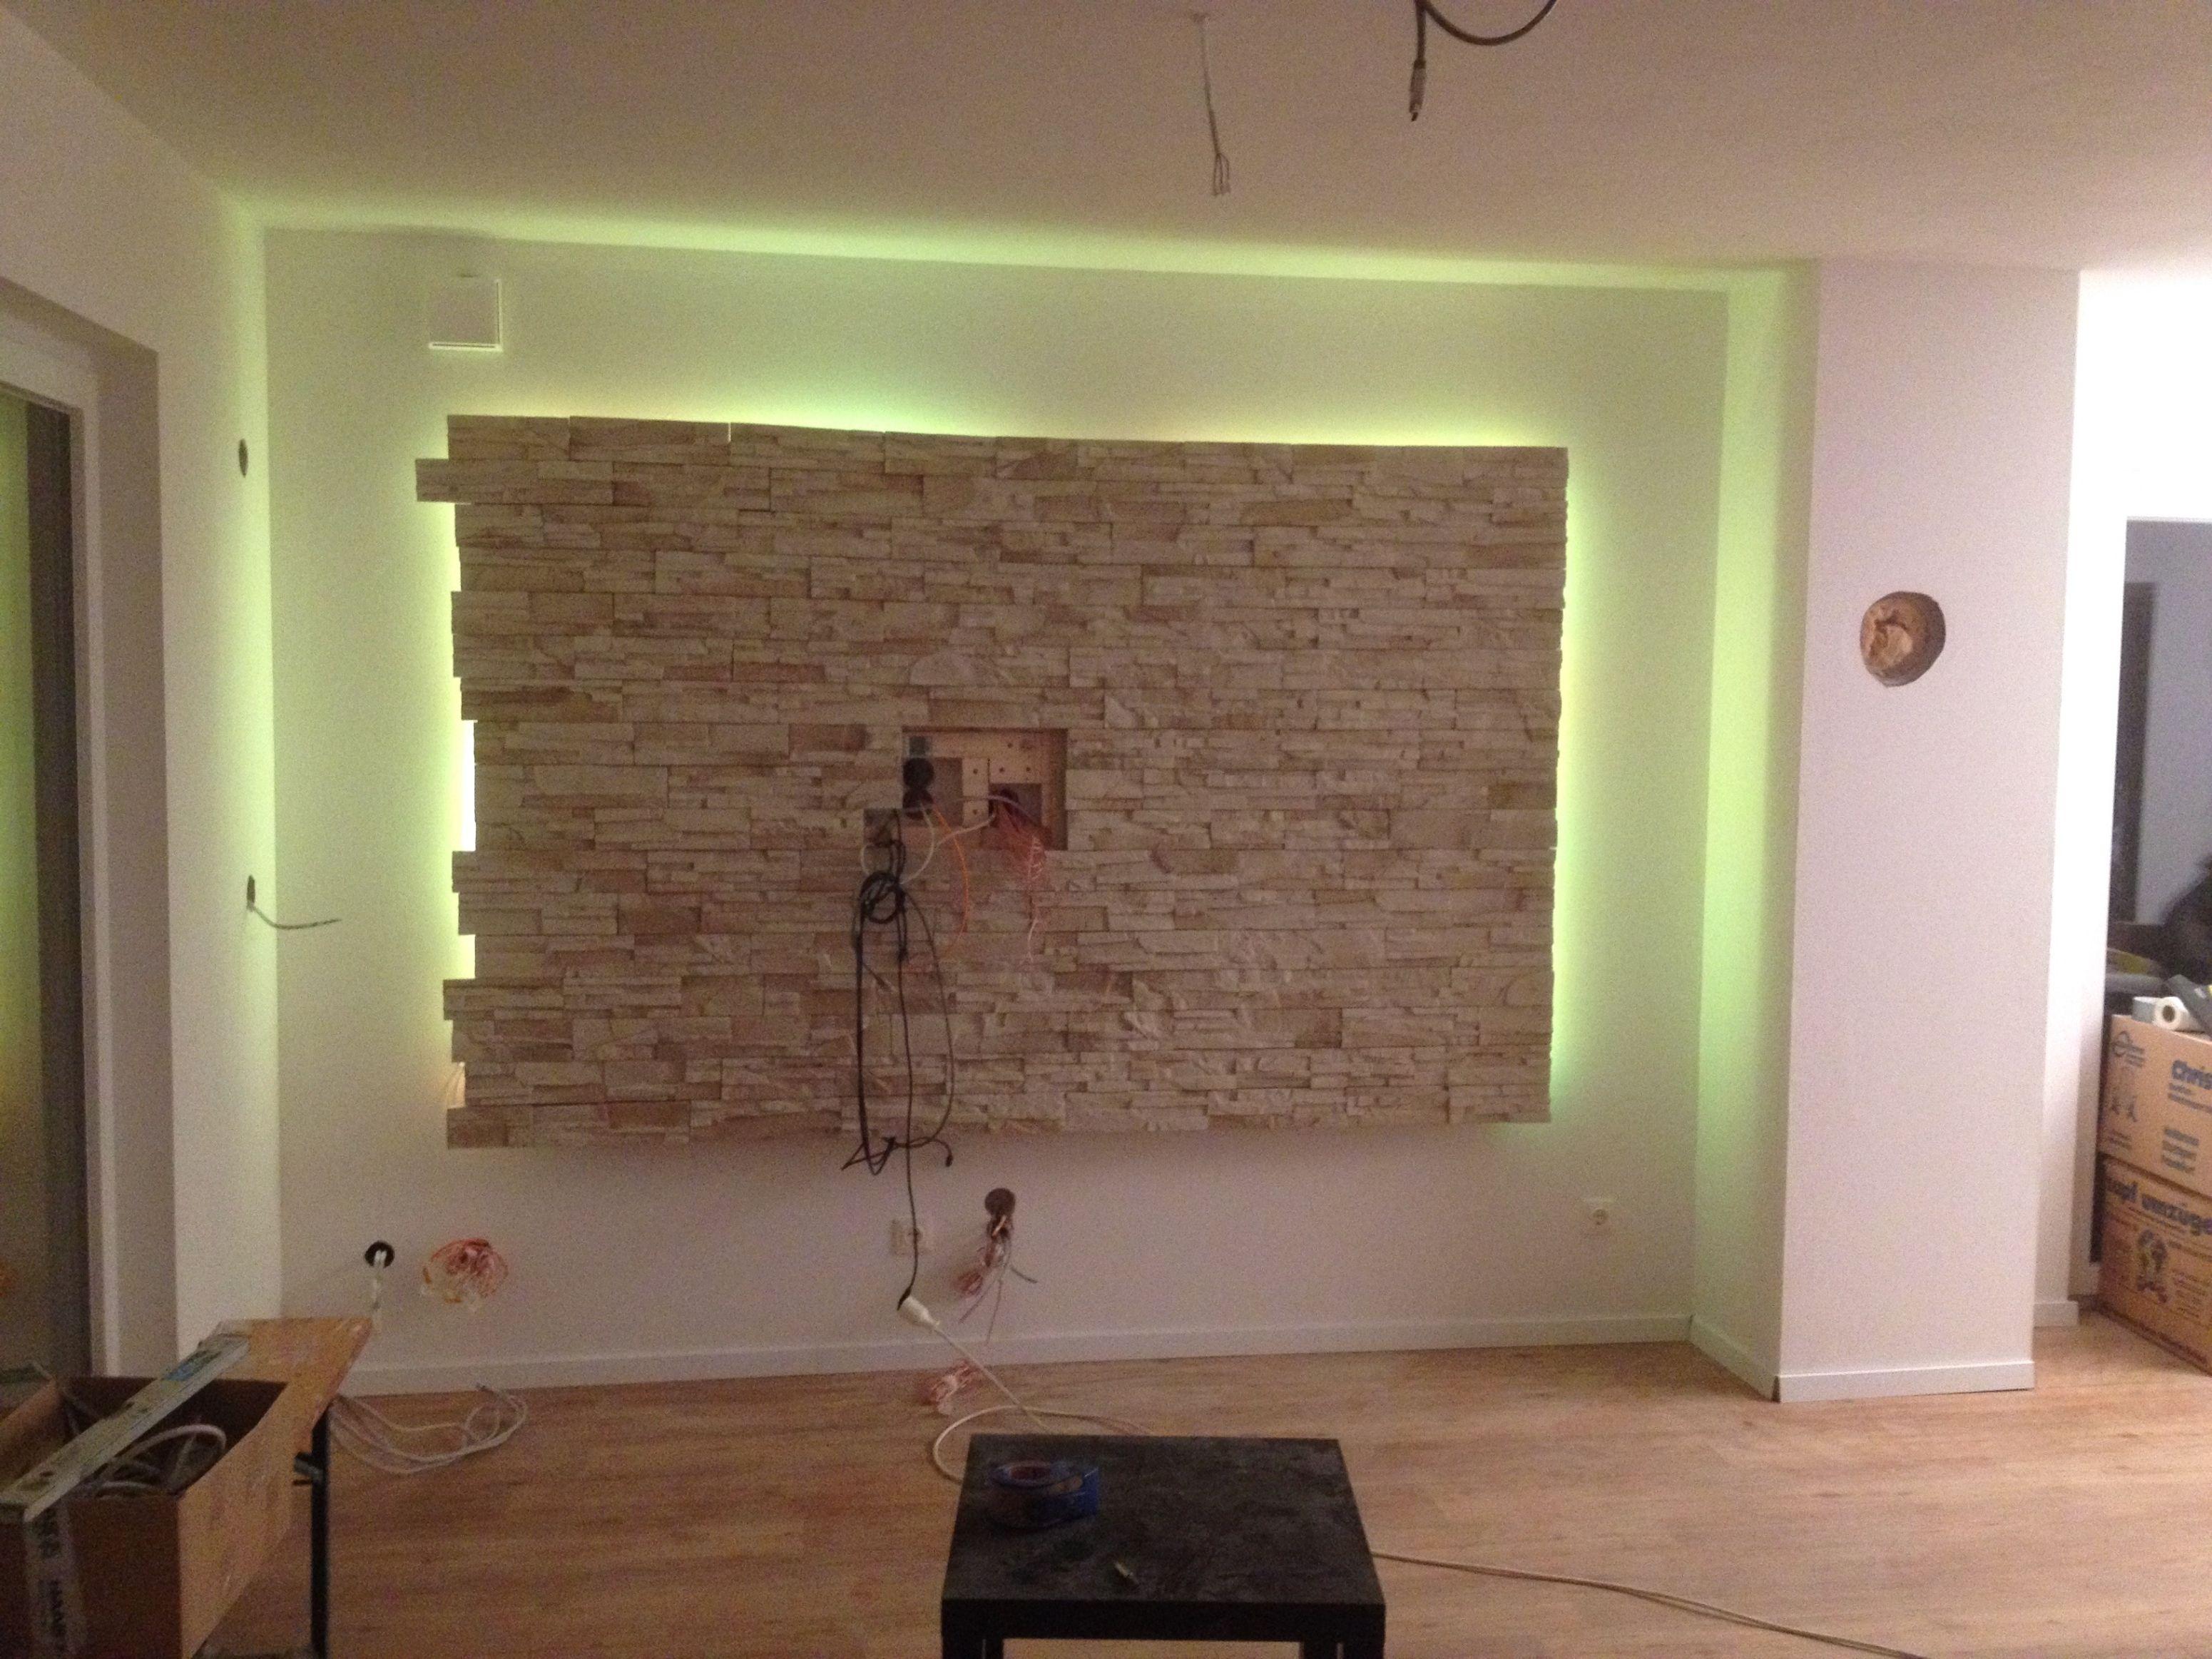 Einzigartig Wohnzimmer Ideen Steinwand Steinwand Wohnzimmer Wanduhren Wohnzimmer Beleuchtung Wohnzimmer